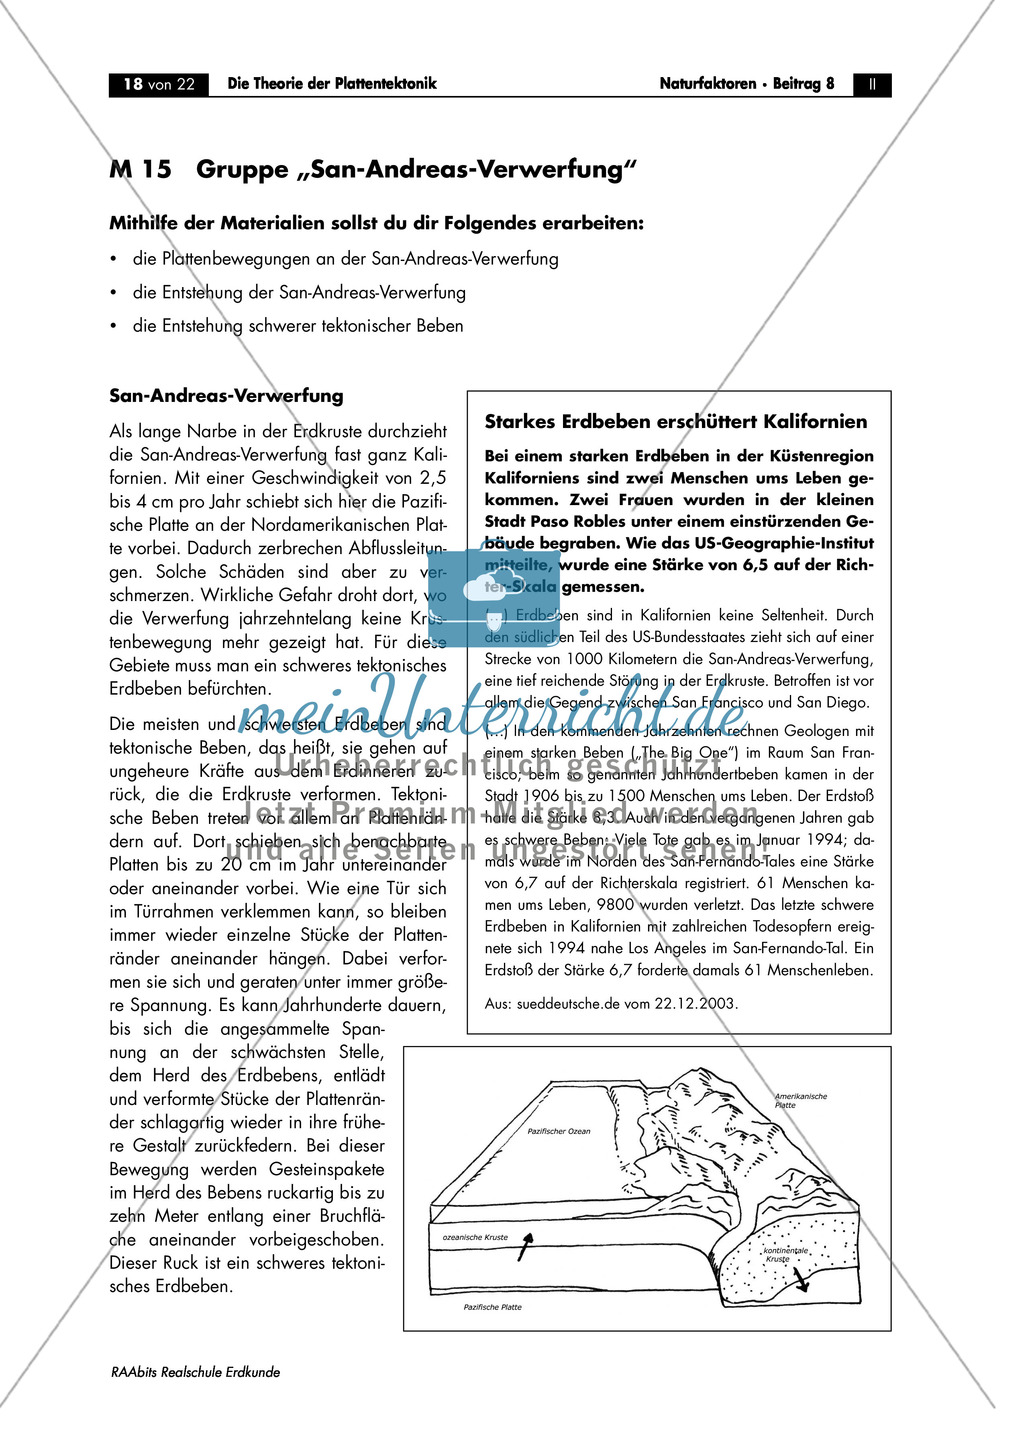 Plattentektonik anhand von Raumbeispielen: San-Andreas-Verwerfung Preview 0